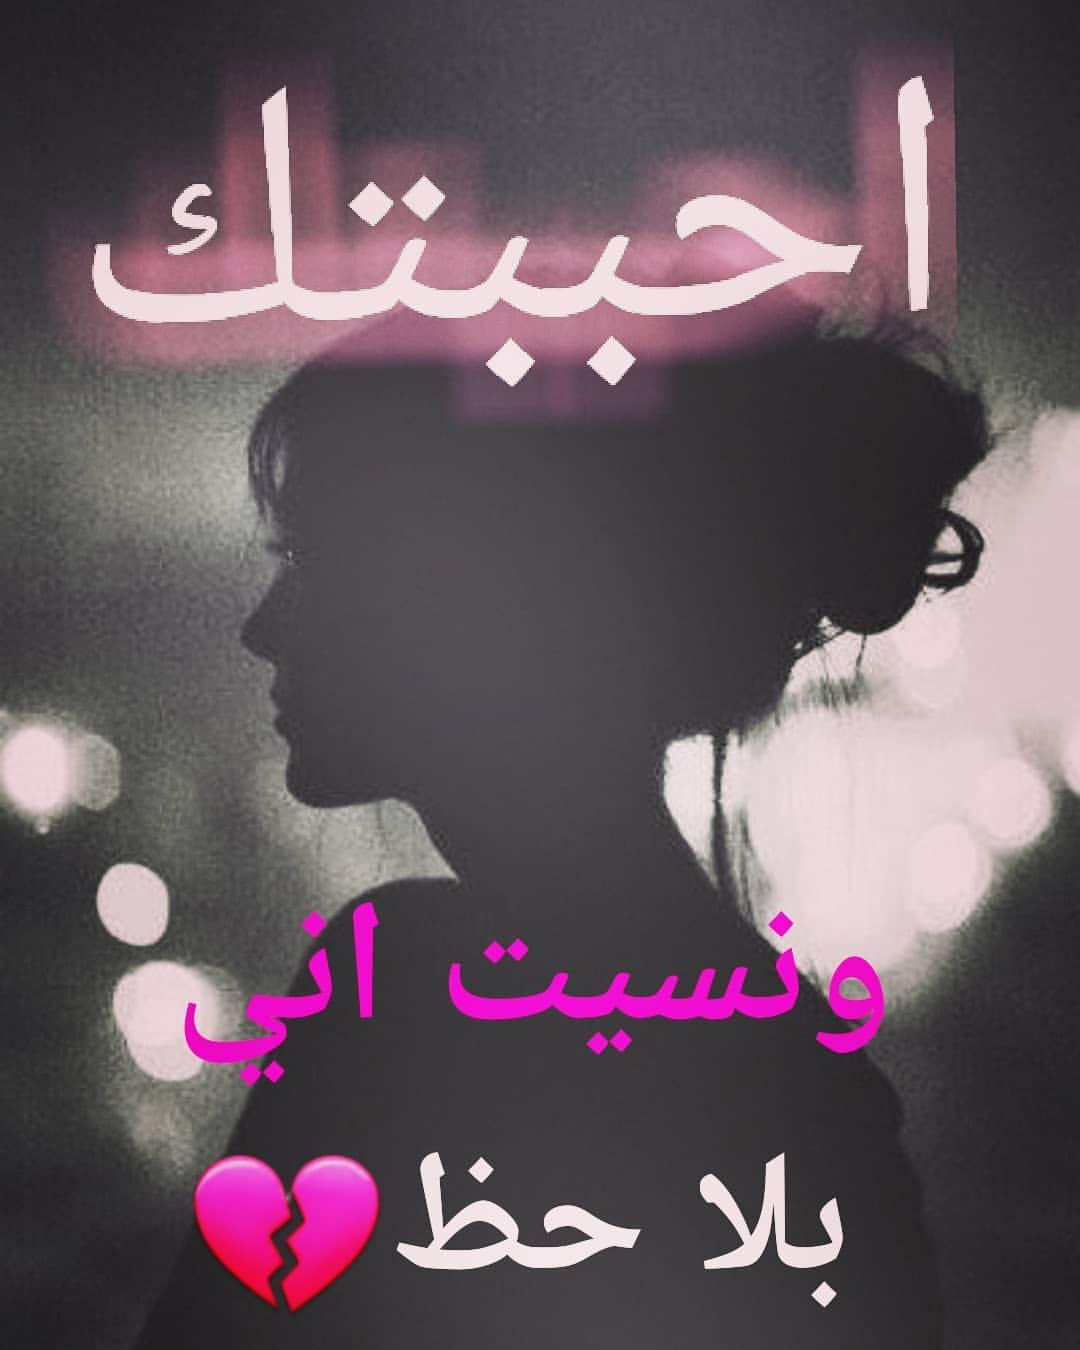 بالصور رمزيات حبيبي , كلام جميل بين الاحبه 5996 2